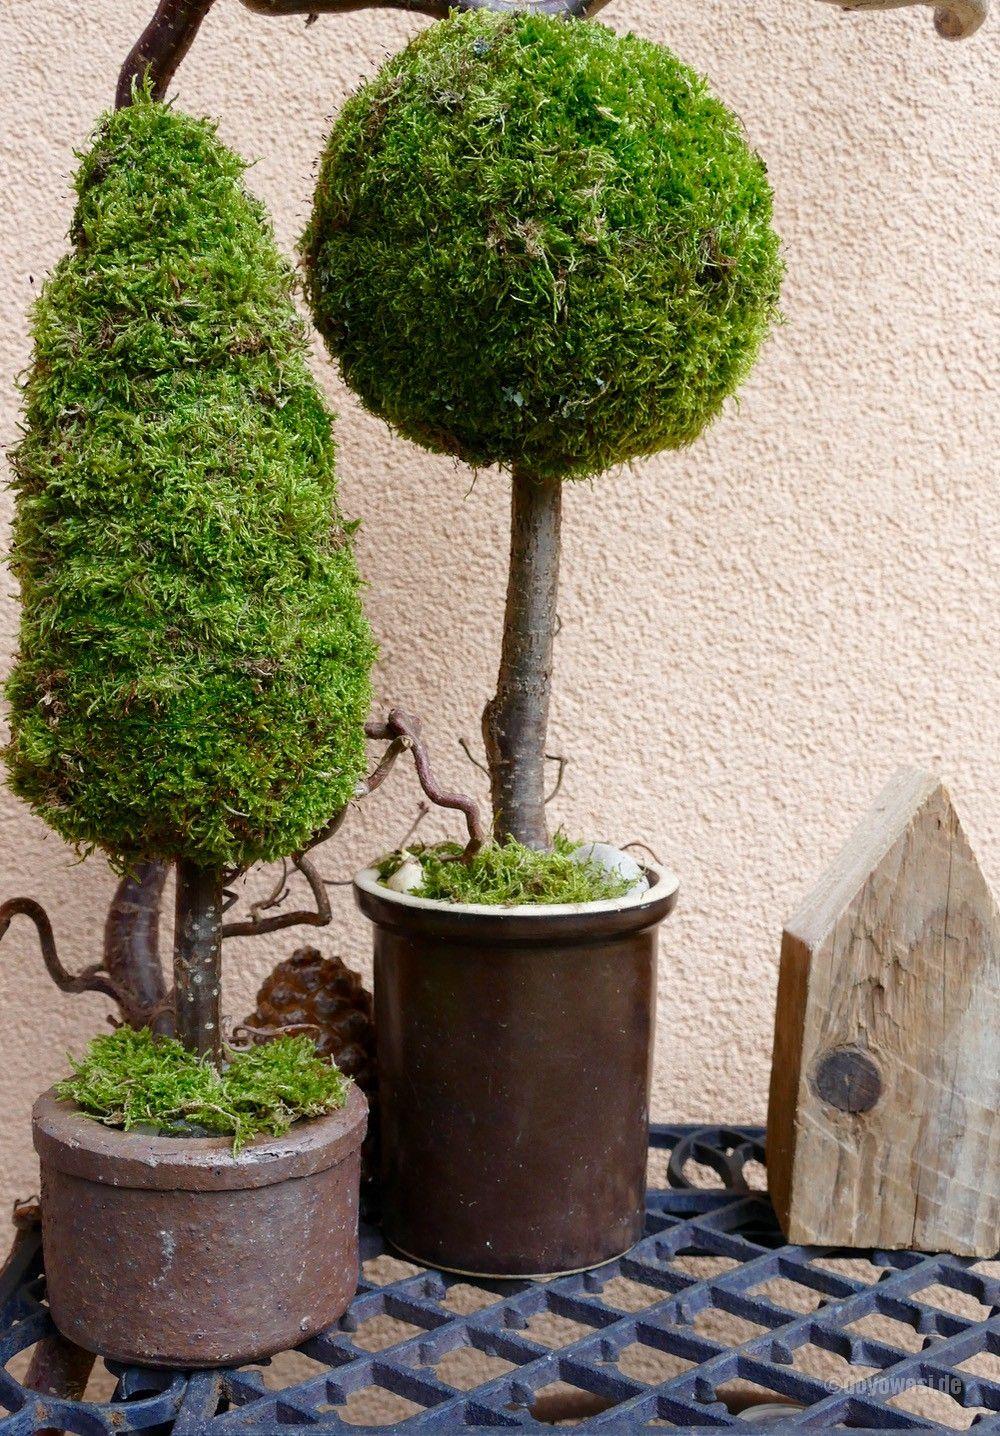 Baum Aus Moos | Gute Ideen | Pinterest | Selber Machen Gartendeko Selber Machen Gnom Fee Tuer Baum Gestaltung